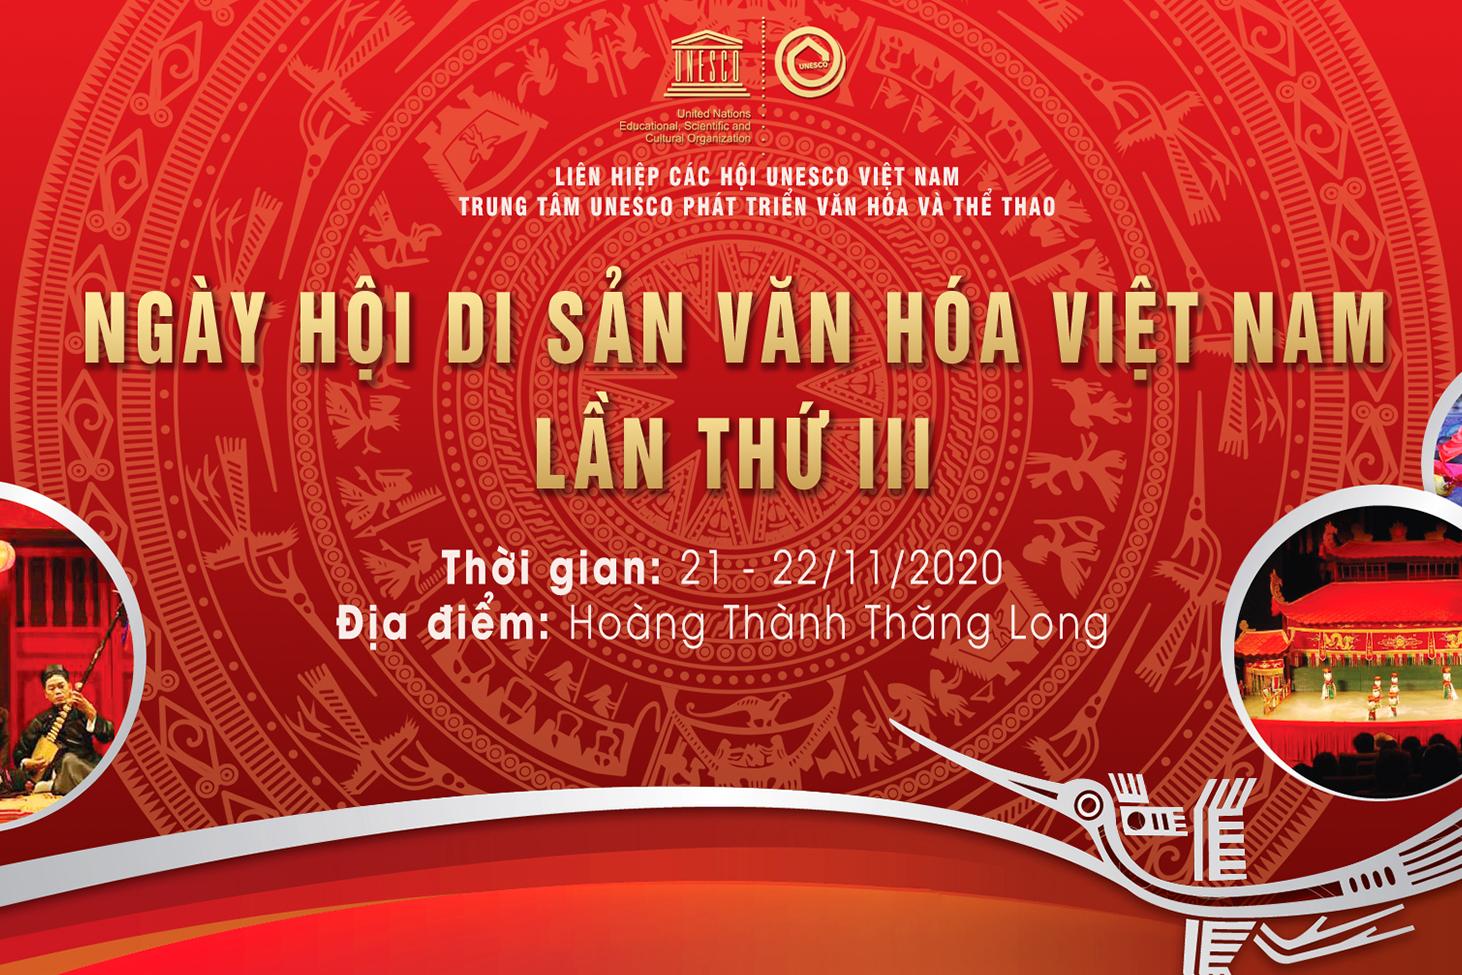 Đài truyền Hình Hà Nội: Ngày Hội Di Sản Văn Hóa Việt Nam lần 3